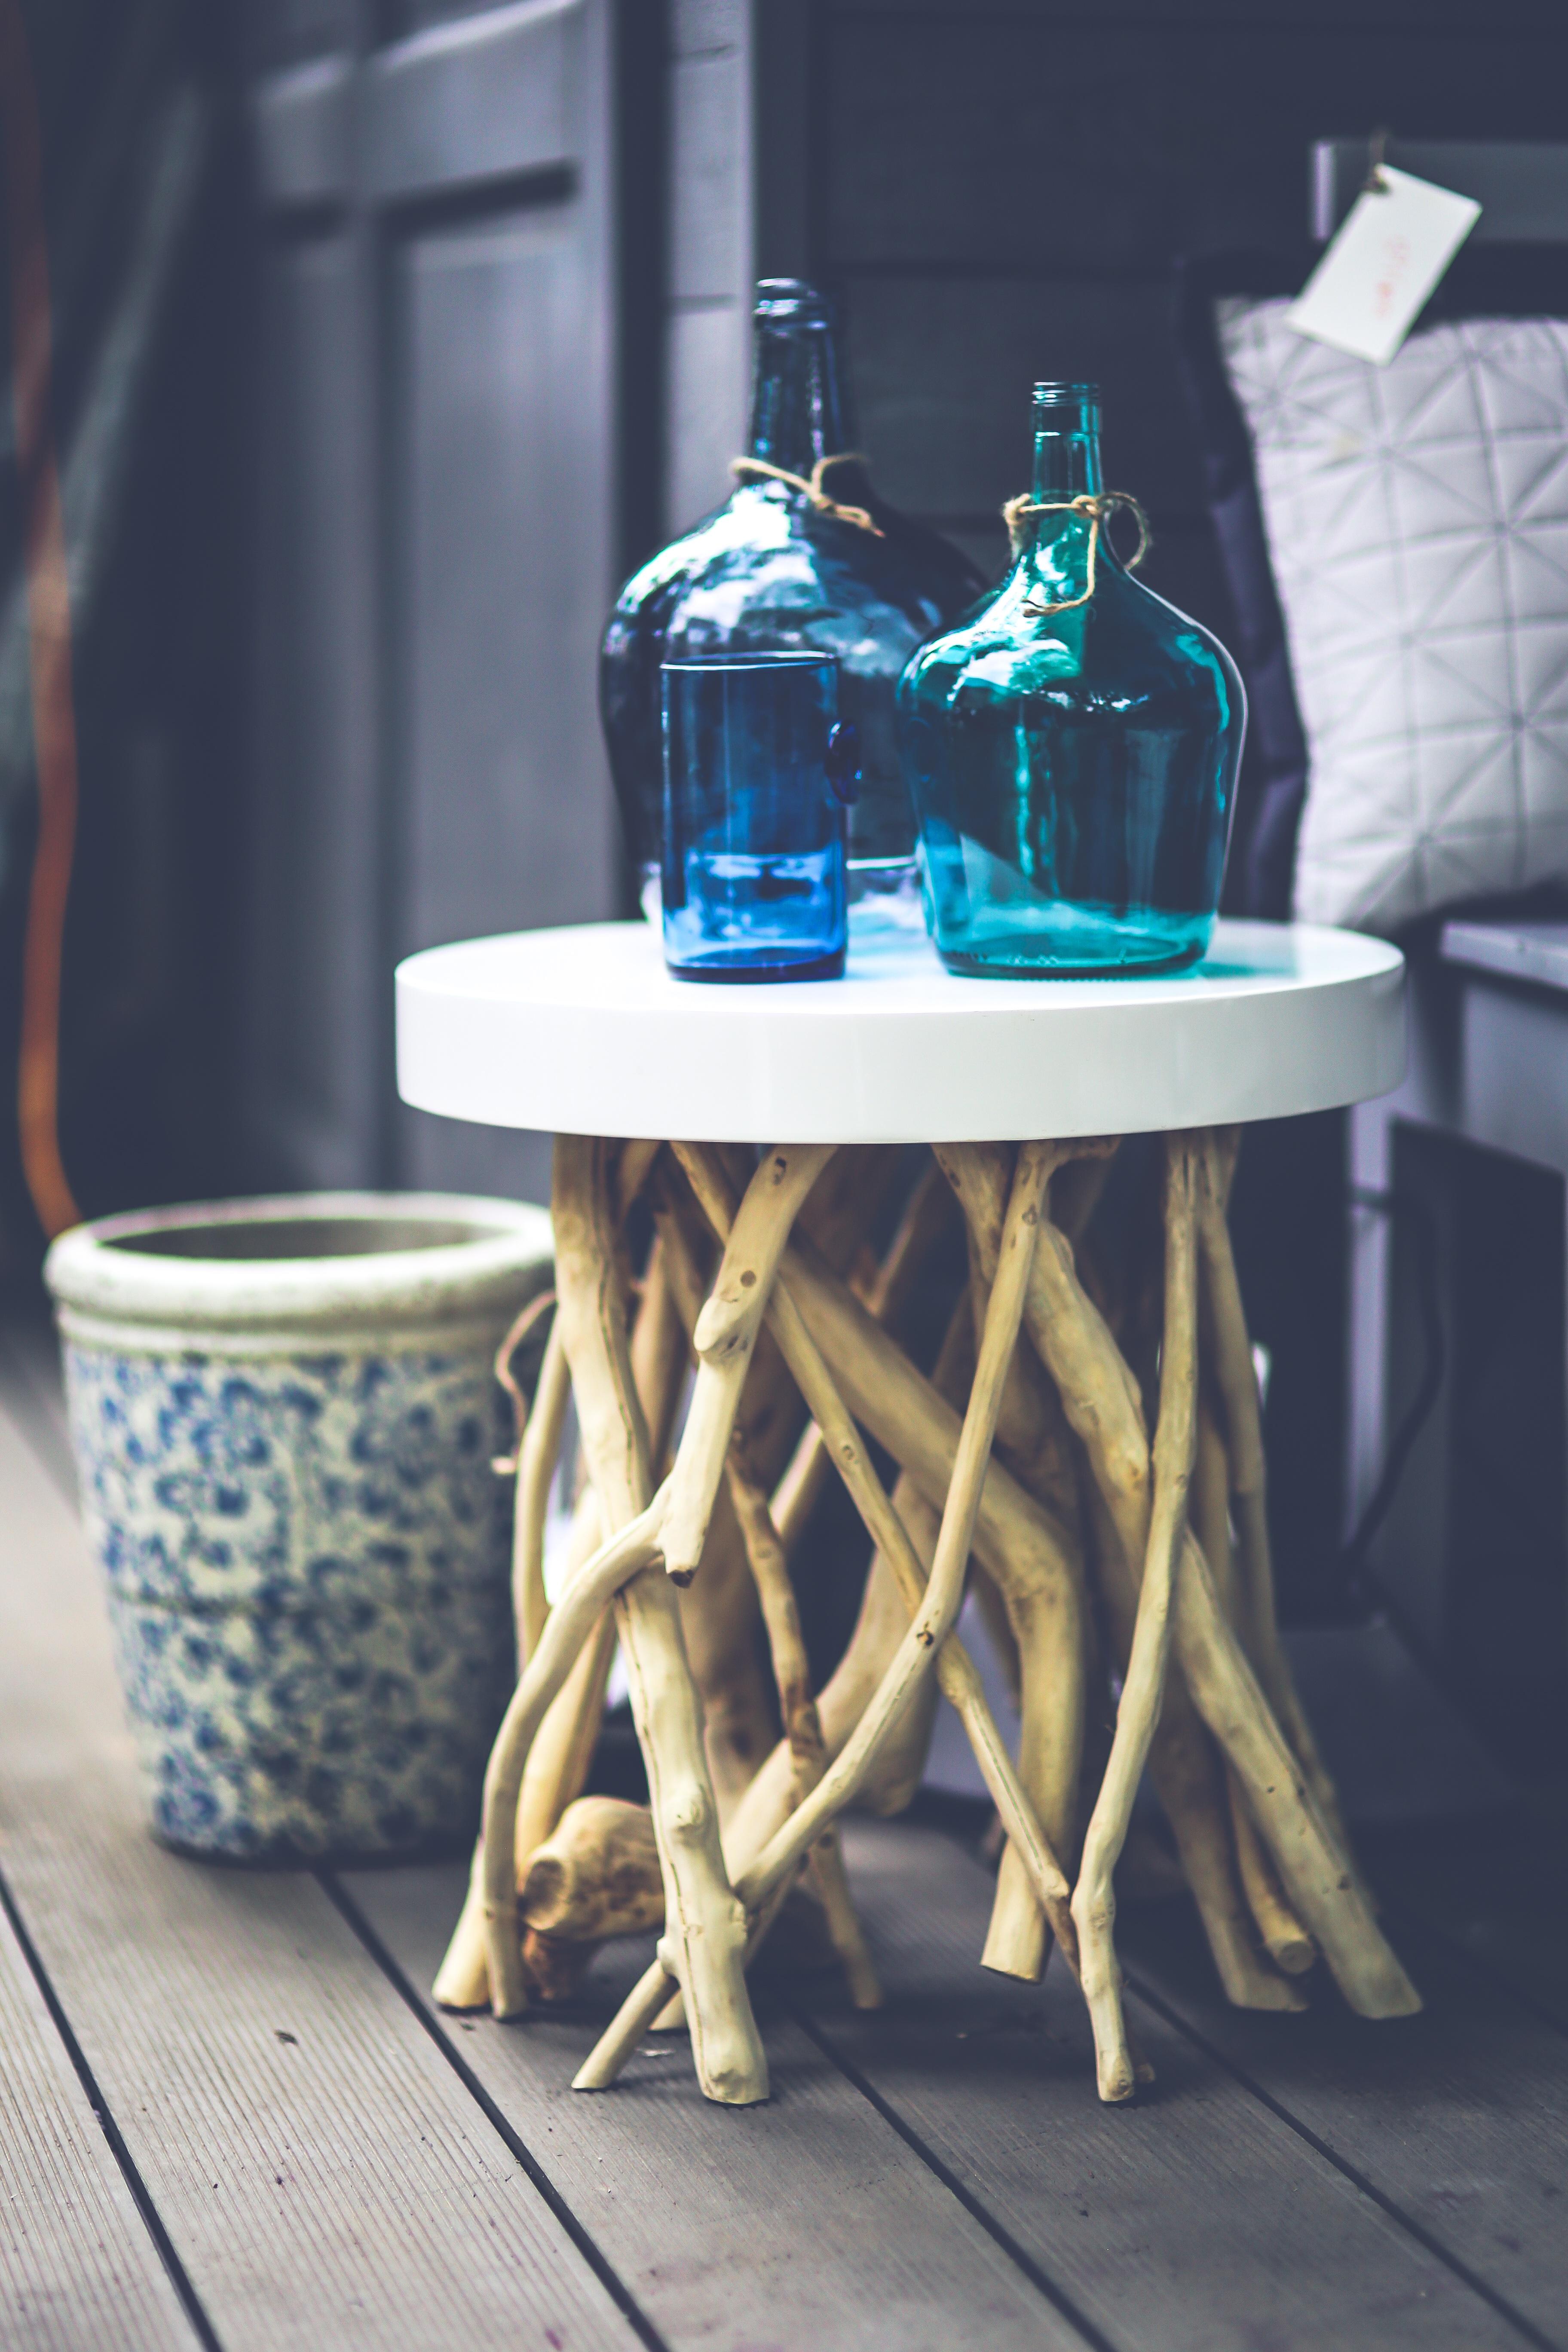 Kostenlose foto : Tabelle, Innere, Glas, Dekoration, Flasche, blau ...